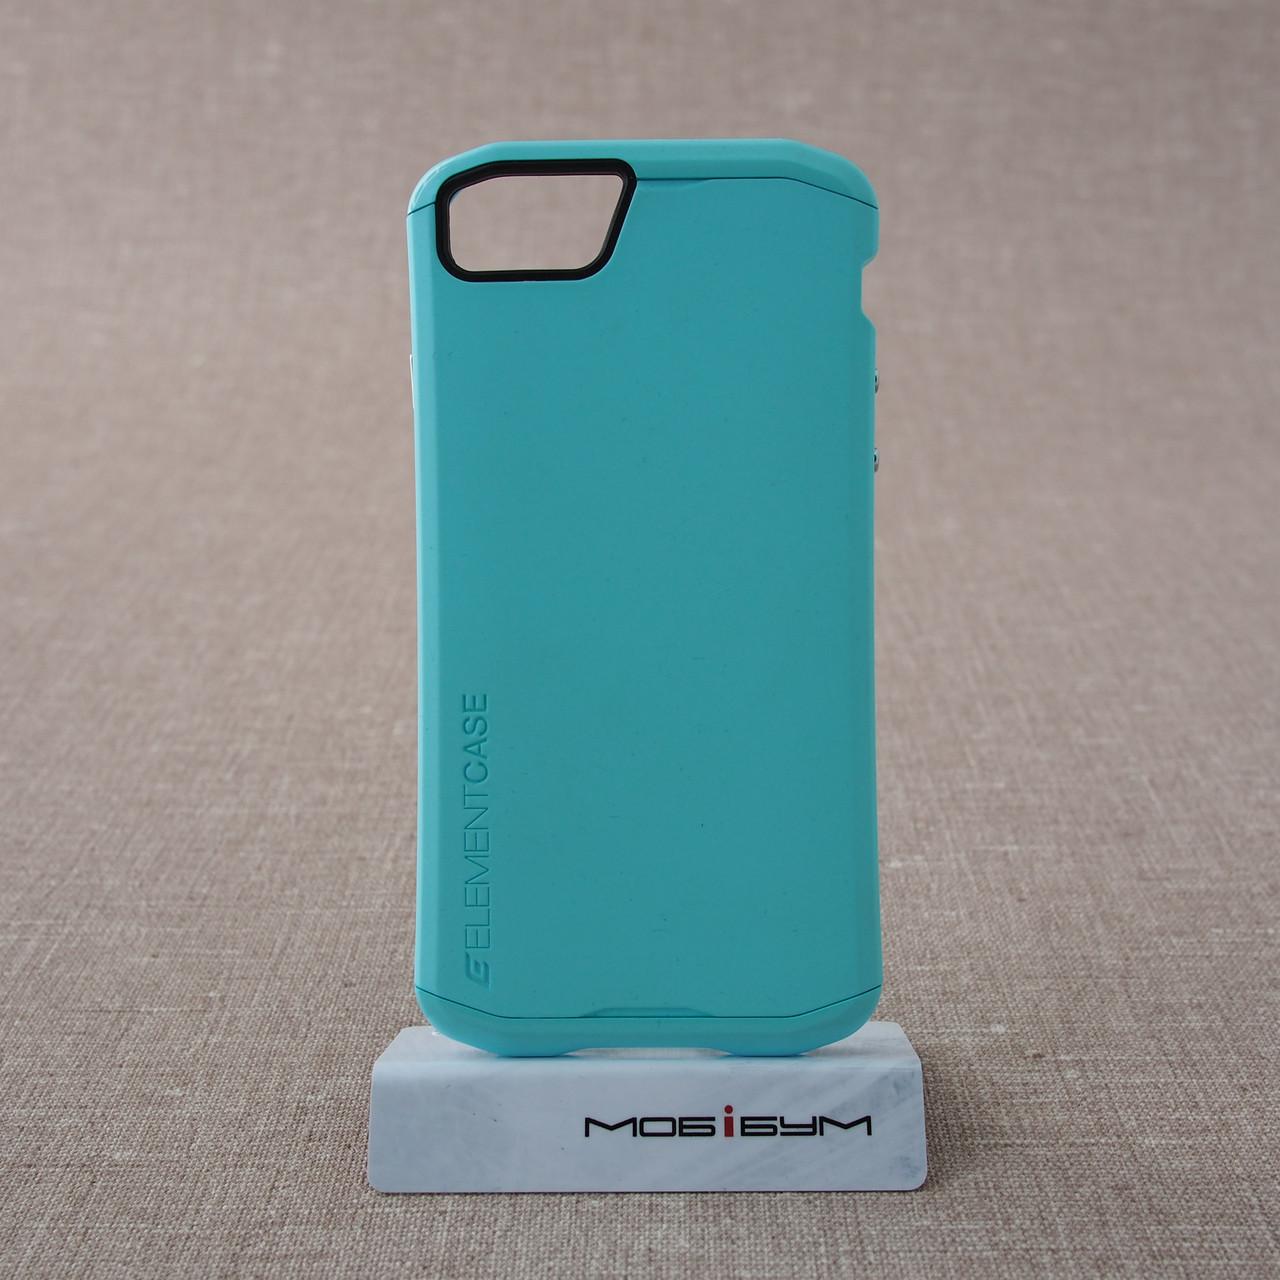 Чехол ElementCASE Aura iPhone 7 mint (EMT-322-100DZ-28) EAN/UPC: 640947793865